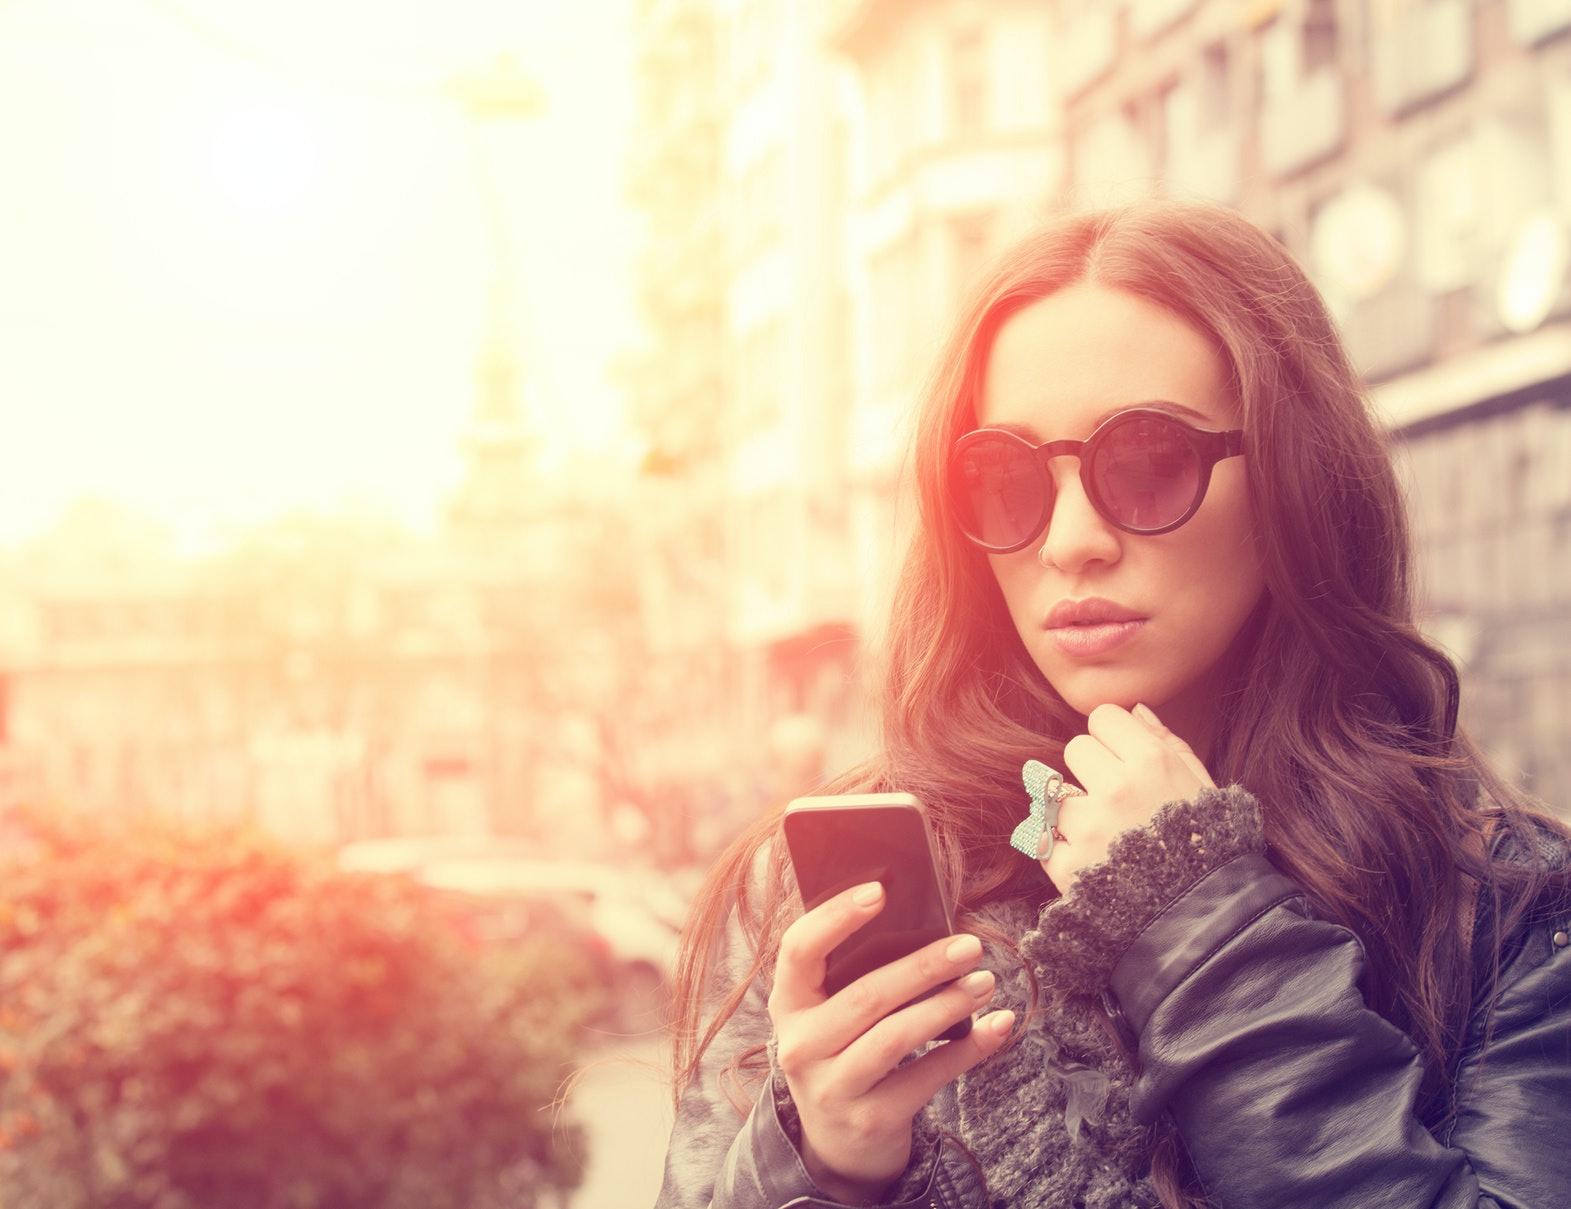 Courtship dating soundcloud app